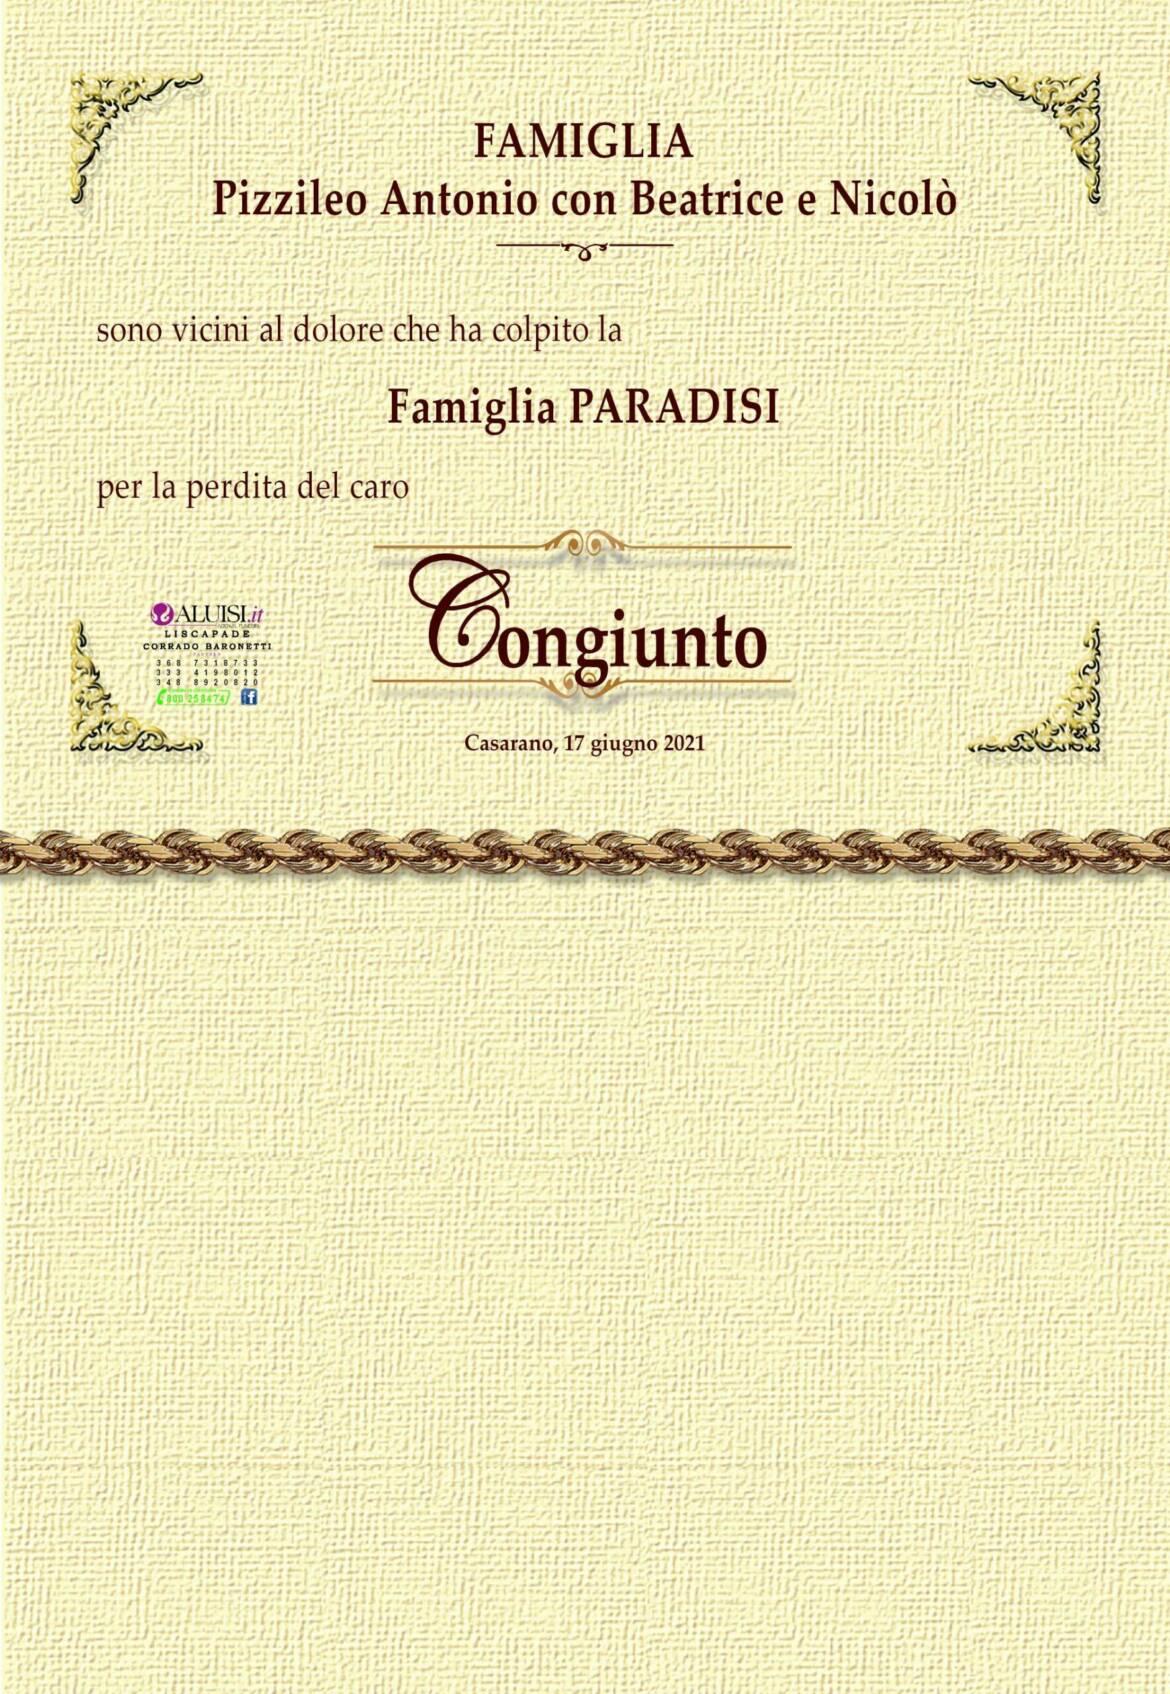 PARTECIPAZIONI-ANTONIO-PARADISI-CASARANO-6-scaled.jpg